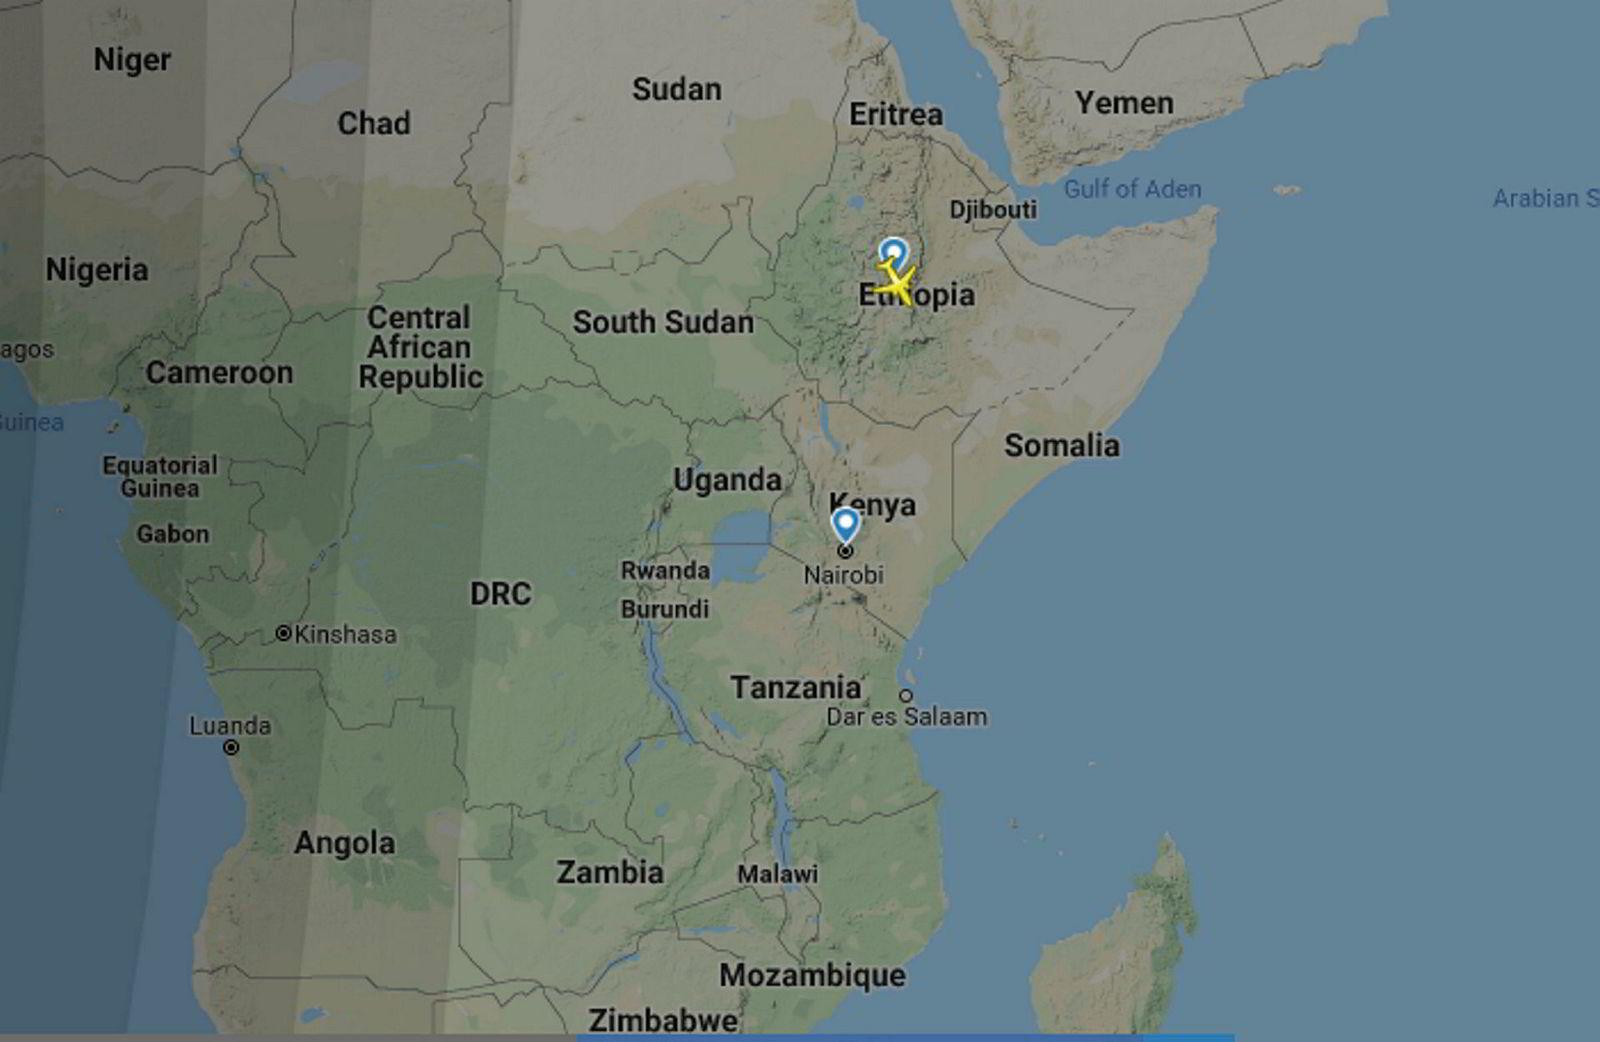 Det var fly ET302 fra Addis Ababa som styrtet på vei til Nairobi. Flightradars tracking av flyet stopper rett etter at flyet tok av fra den etiopiske hovedstaden. I en pressemelding skriver flyselskapet at de mistet kontakten med flyet etter seks minutter.